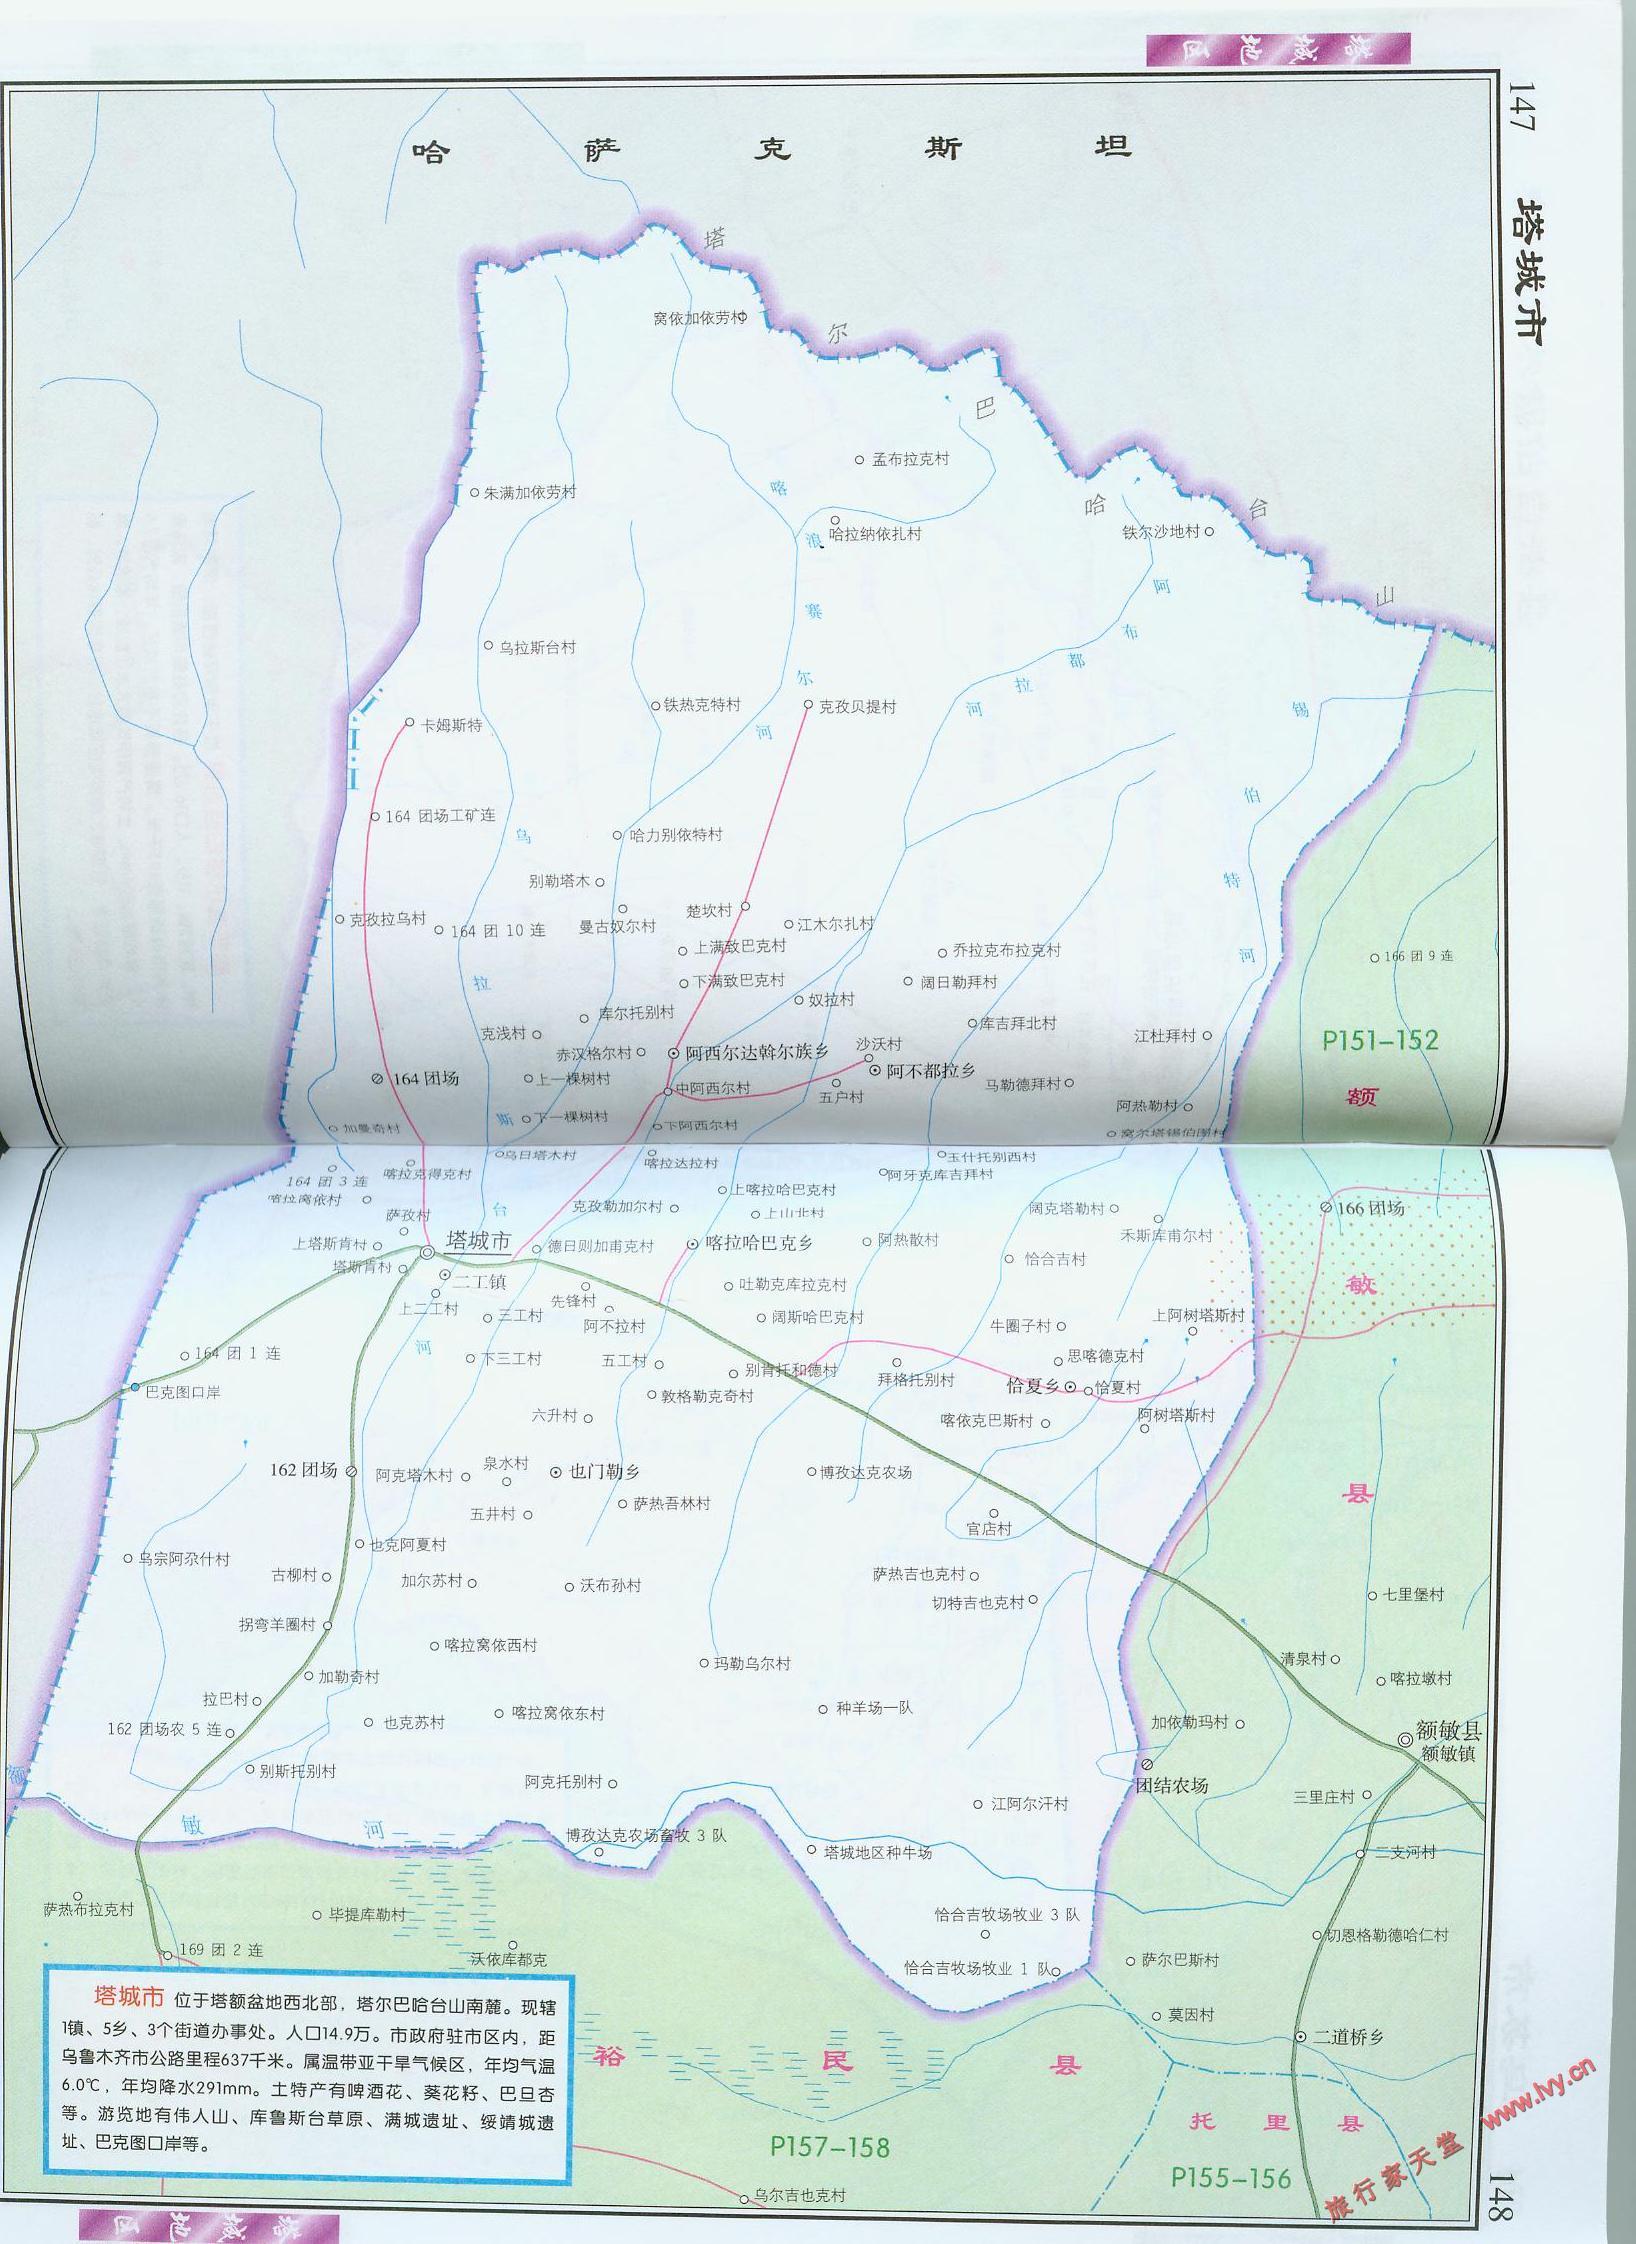 塔城市地图_塔城地图库